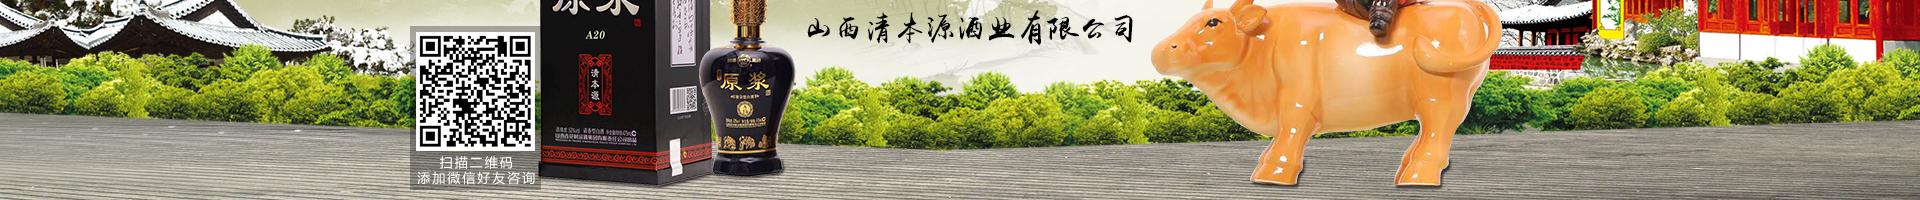 山西清本源酒业有限公司